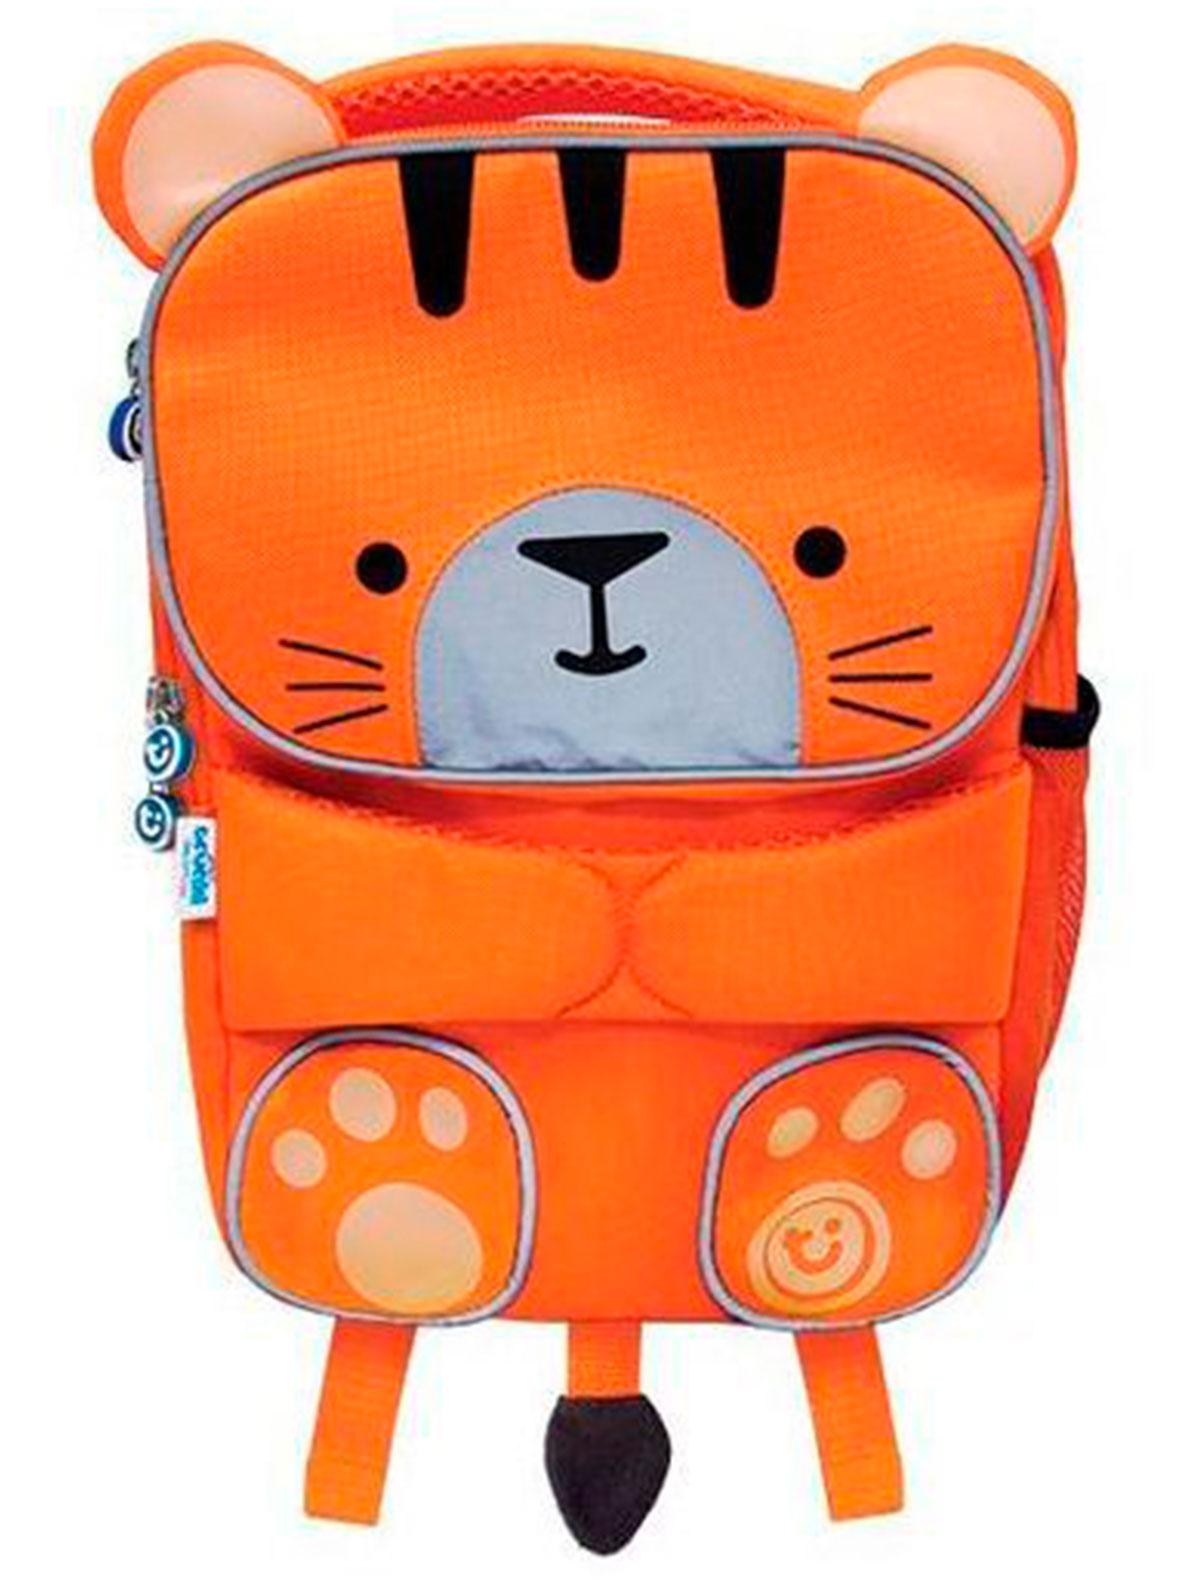 Купить 2227287, Рюкзак Trunki, оранжевый, 1504528080616